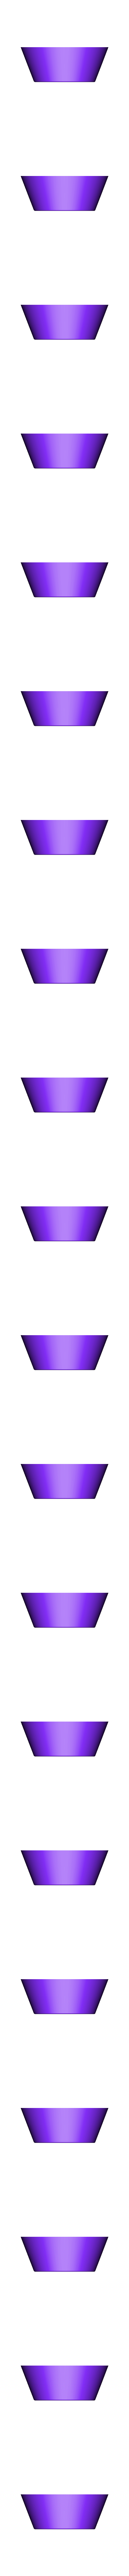 WEDGE_BODY_BOTTOM.stl Télécharger fichier STL gratuit Alimentateur de filaments horizontaux pour la chambre d'impression • Plan à imprimer en 3D, theveel